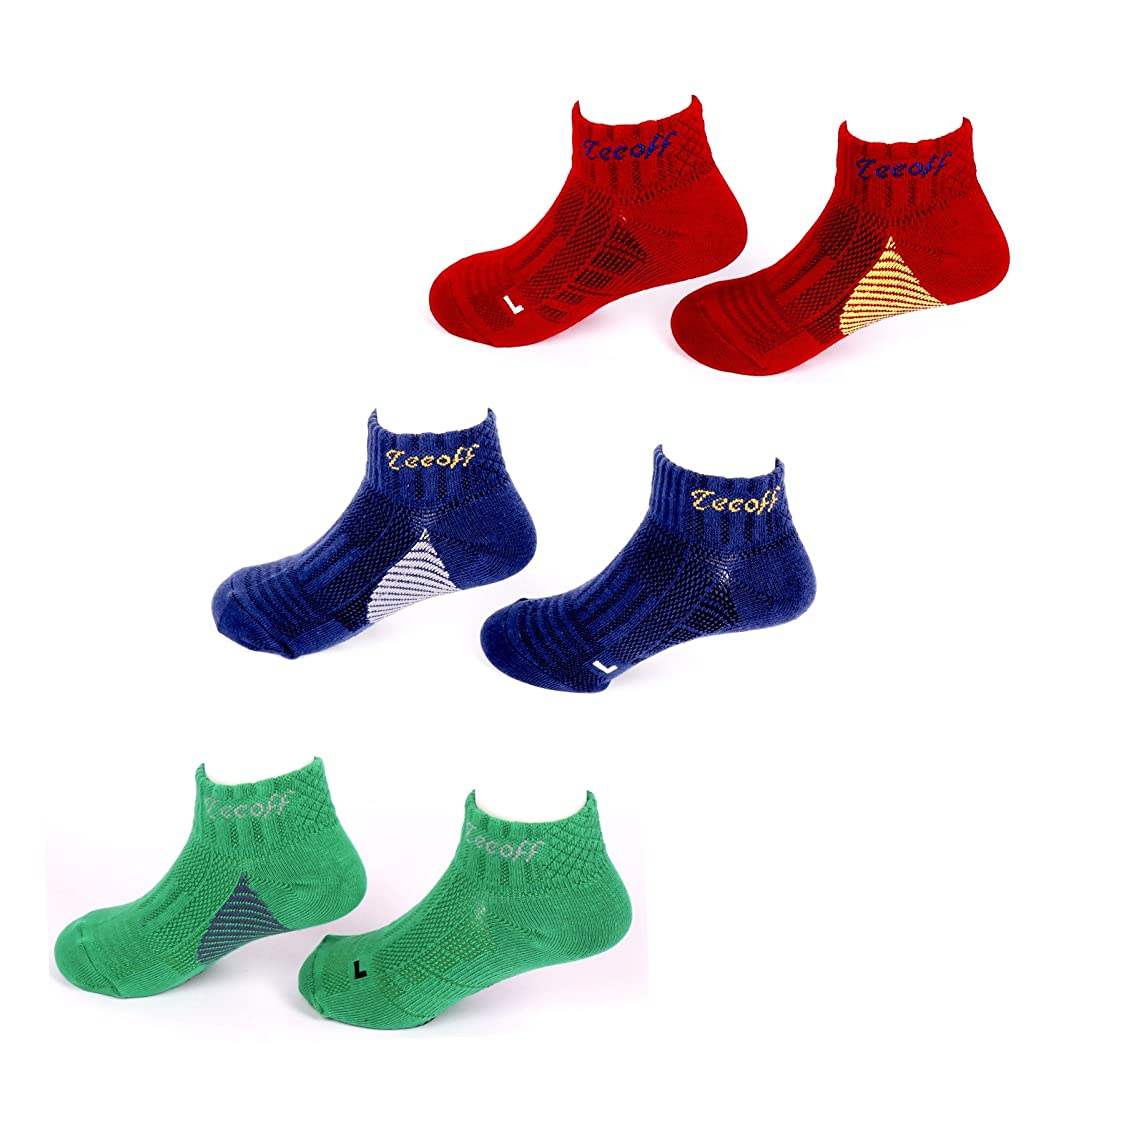 ハムシャーロットブロンテ交流するTeeoff Boys' 3 Pack Low Cut Ankle Athletic Socks ボーイズ3パックローカット?アンクル?アスレチックソックス